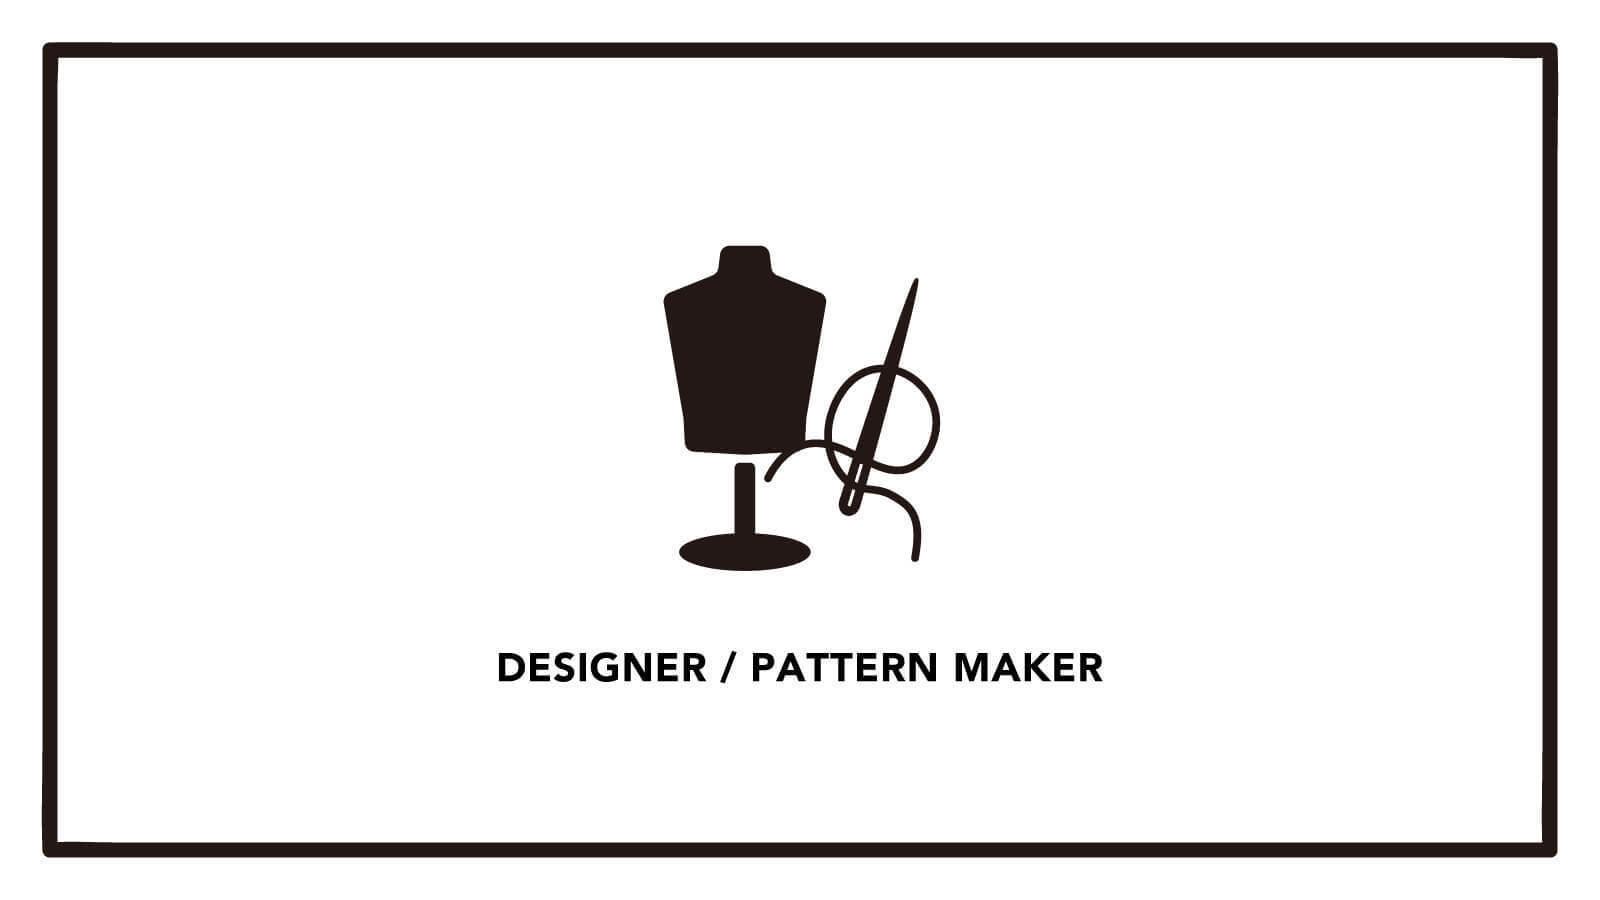 【WEBデザイナー募集】化粧品ブランドでWEBデザイナーとして活躍しませんか!のカバー写真